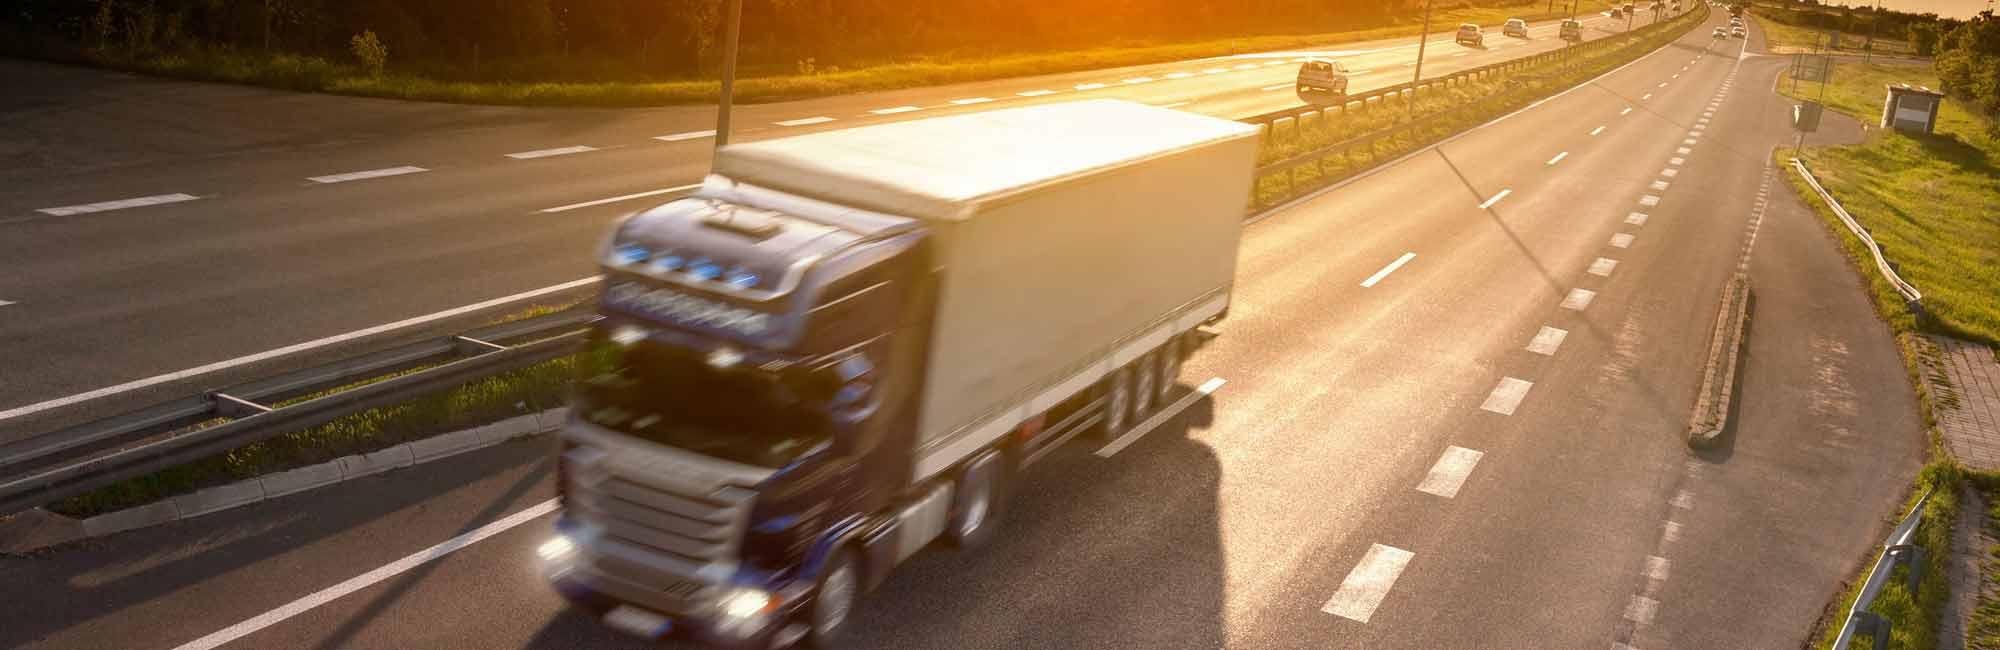 Interieurdelen op maat - Truckinterieur De Regt |  Vrachtwagenbekleding voor Scania, Volvo en DAF | Ter Apel